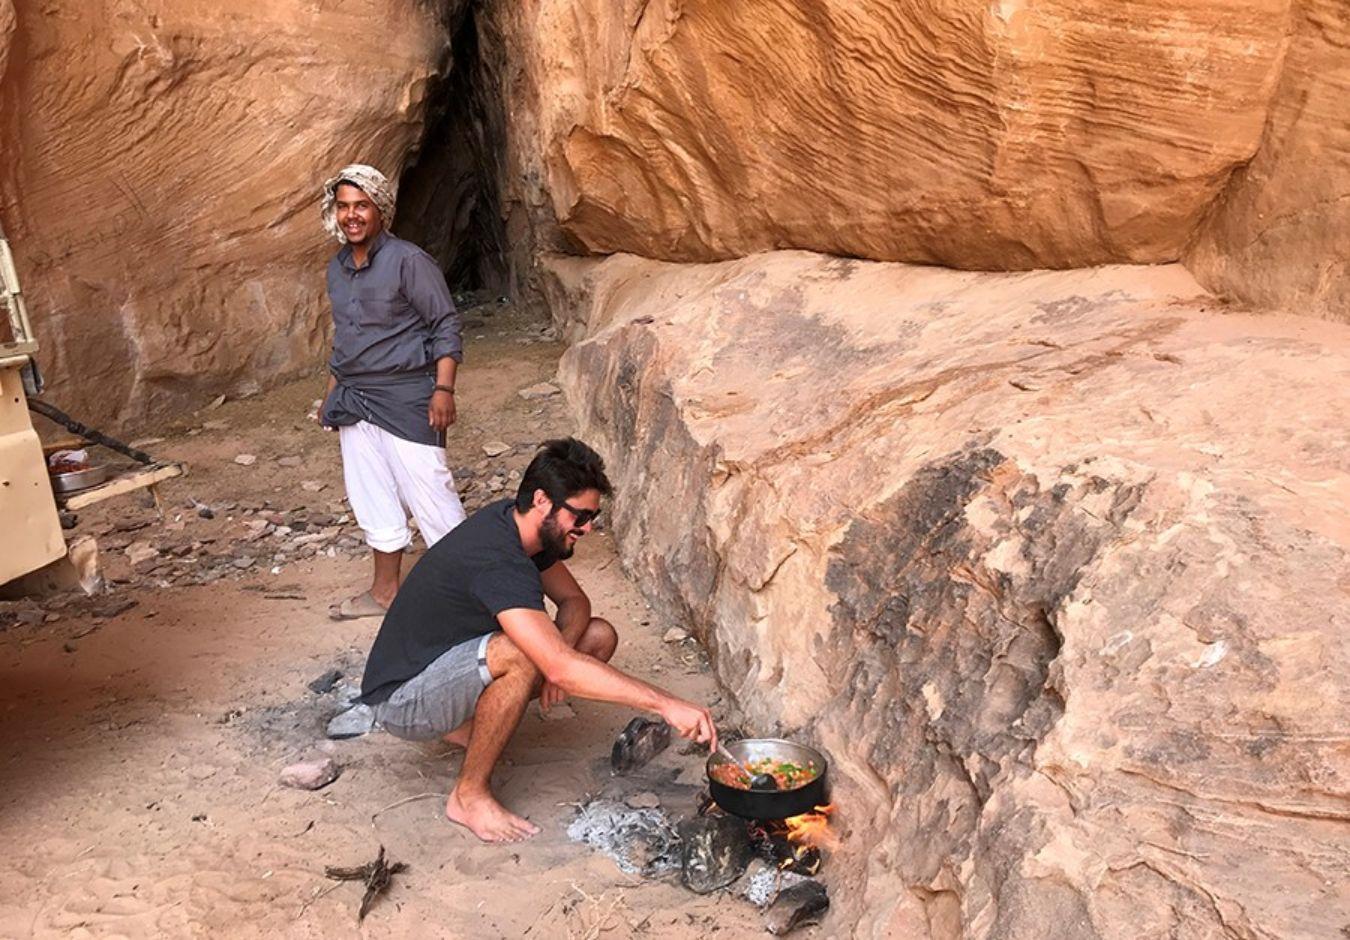 Persona cocinando de comida local en el exterior en Israel